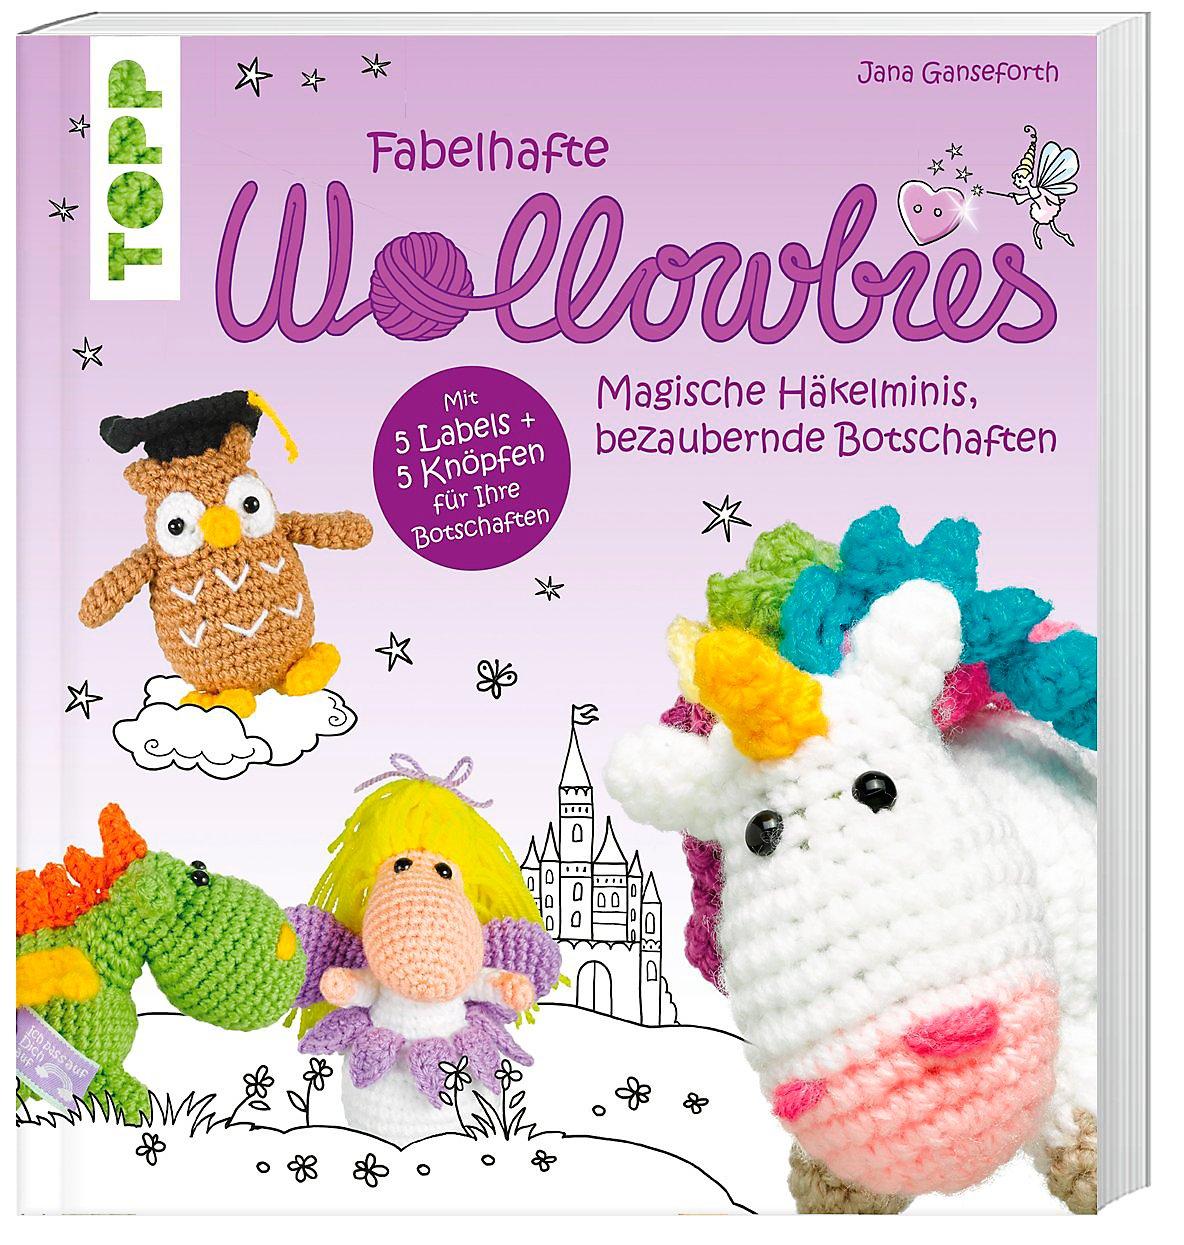 Fabelhafte Wollowbies Buch Portofrei Bei Weltbildat Bestellen